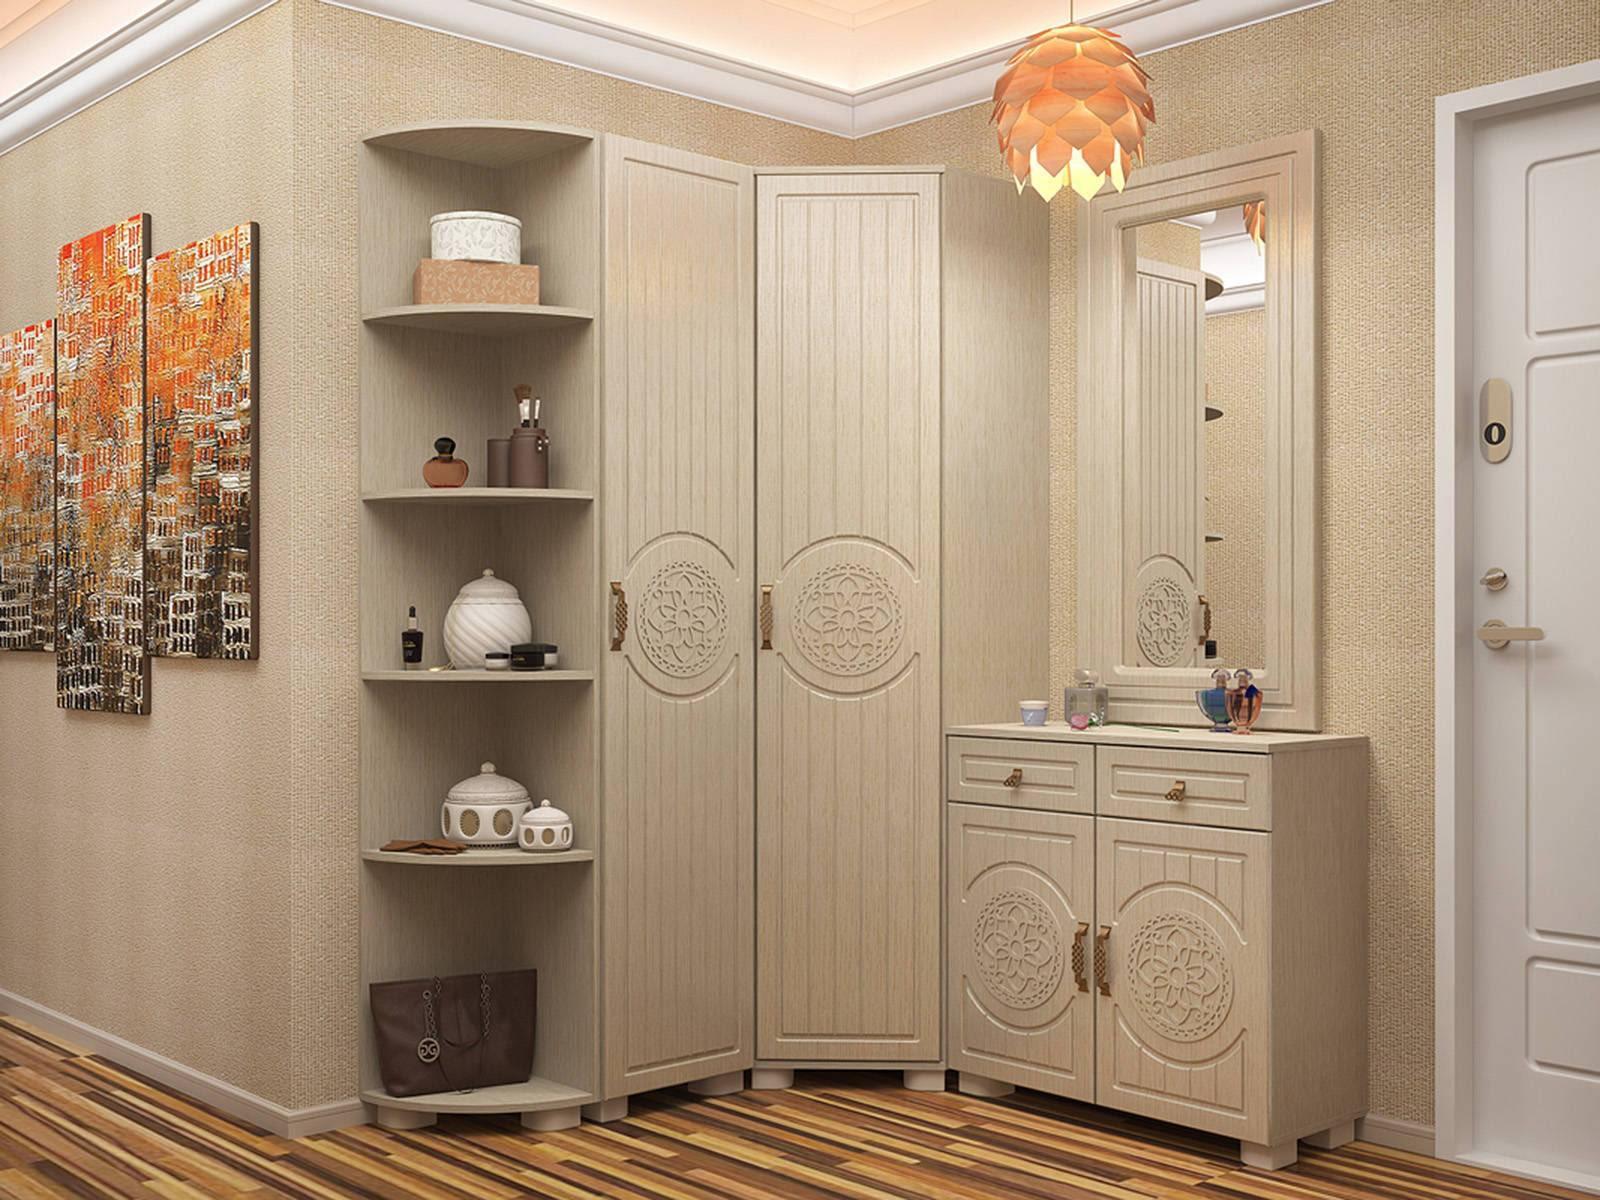 насколько фото угловых современных шкафов в прихожую квартирах, где позволяет